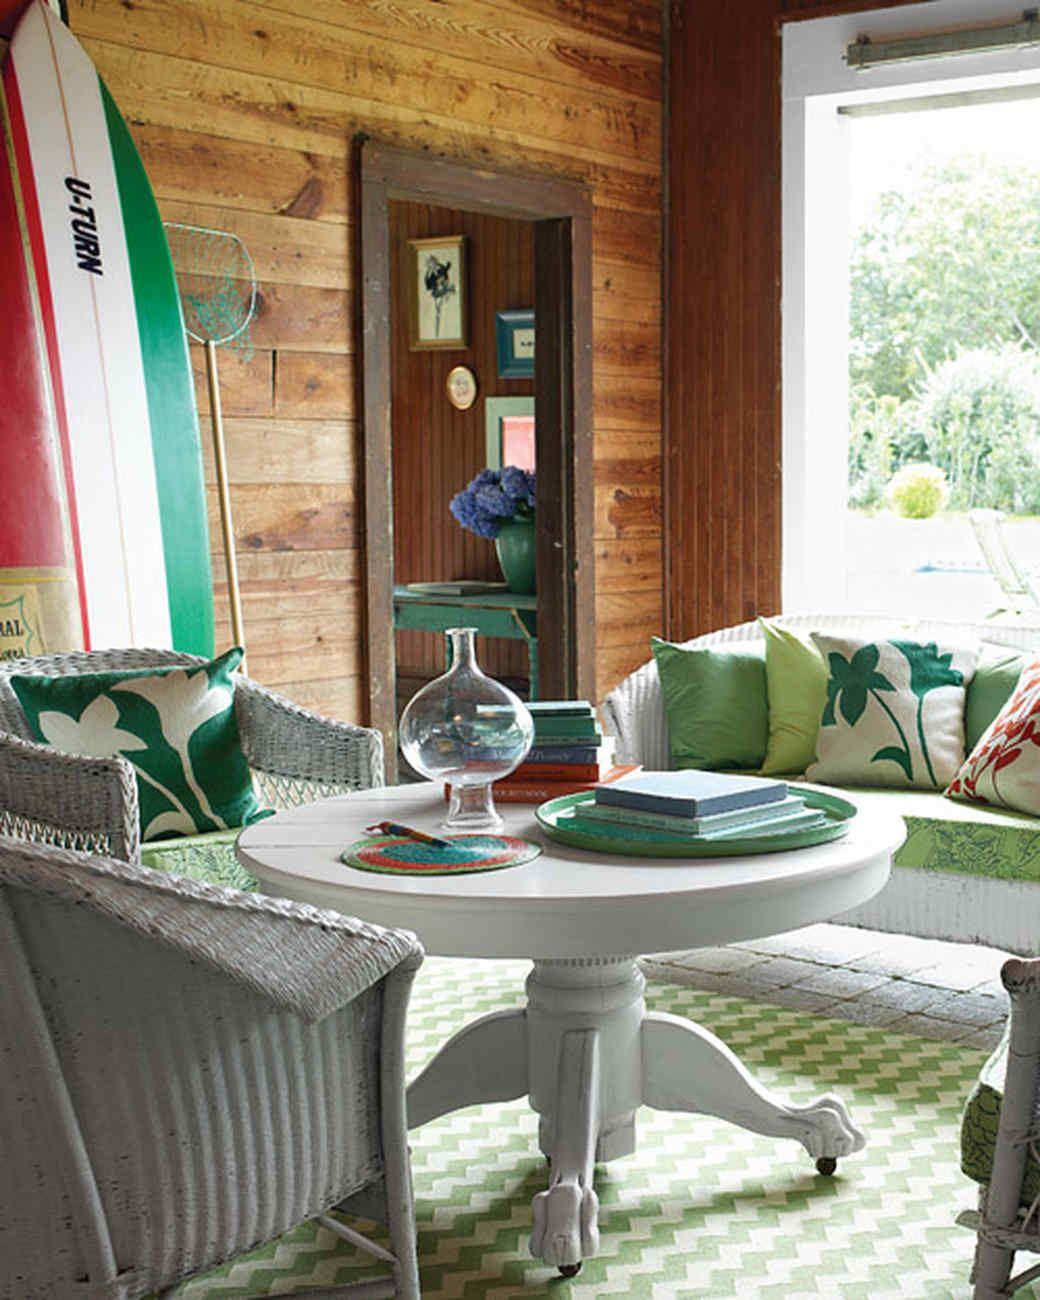 Home & Garden Home decor, Decor, Green rooms